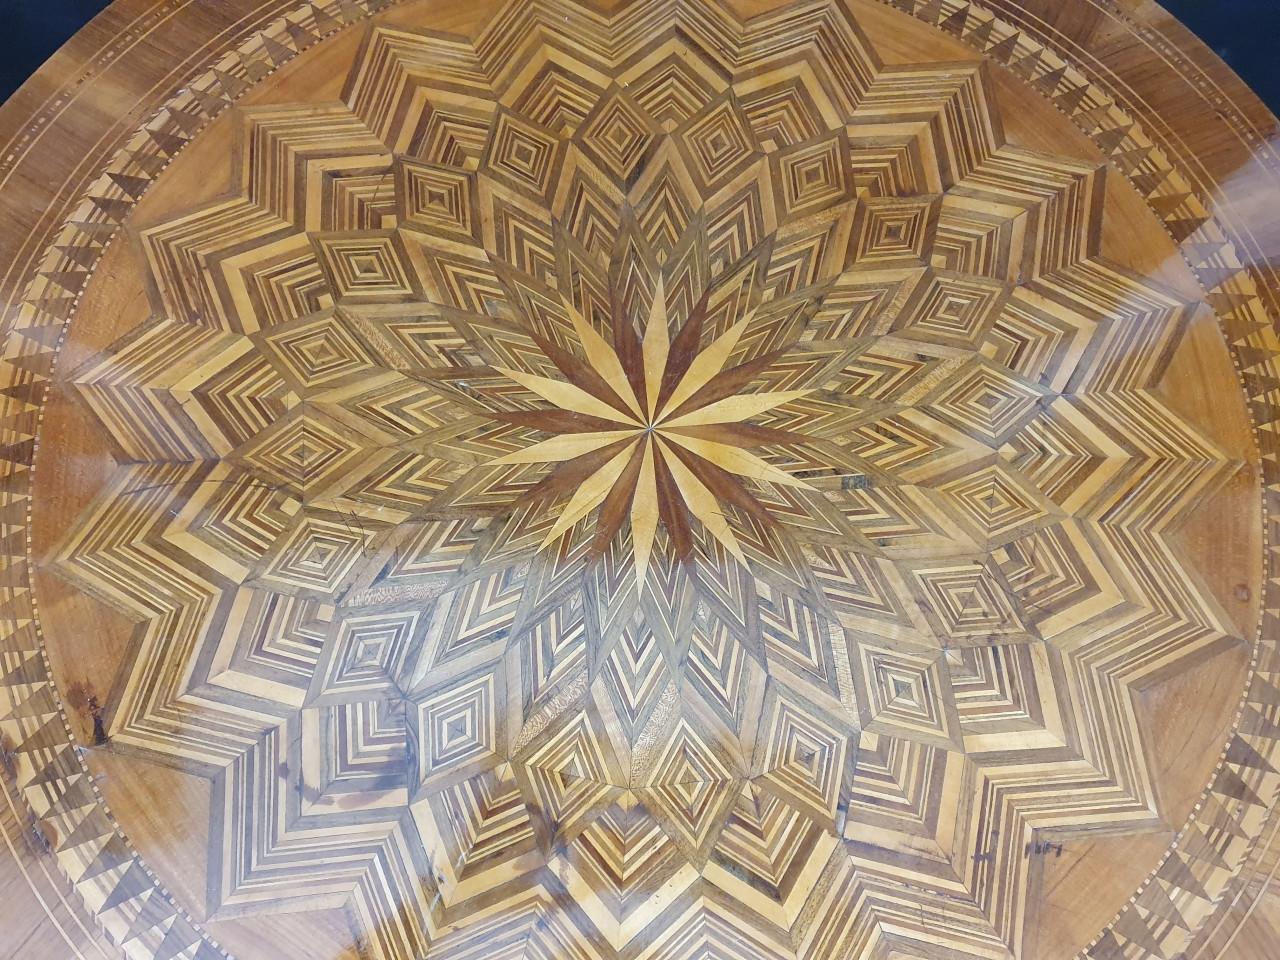 tavolo-tondo in noce con intarsi del 800 - Antichità Ioviero